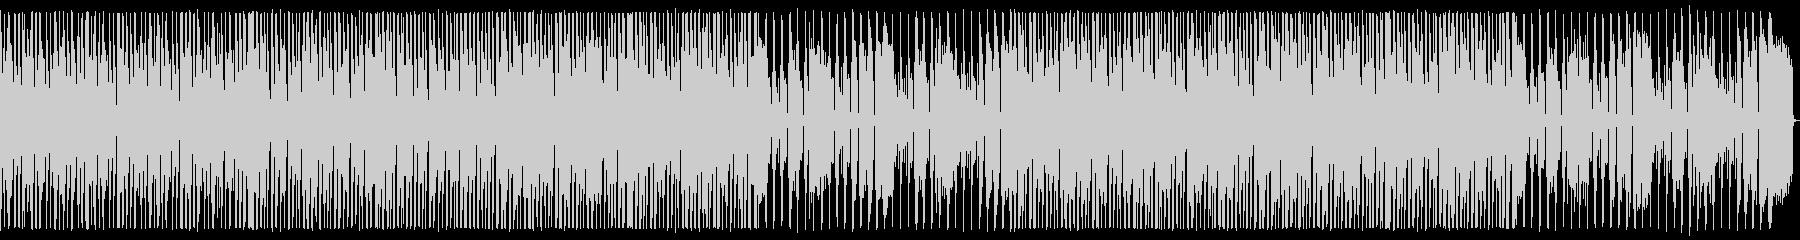 オルガンとサックスの旅支度的なBGMの未再生の波形